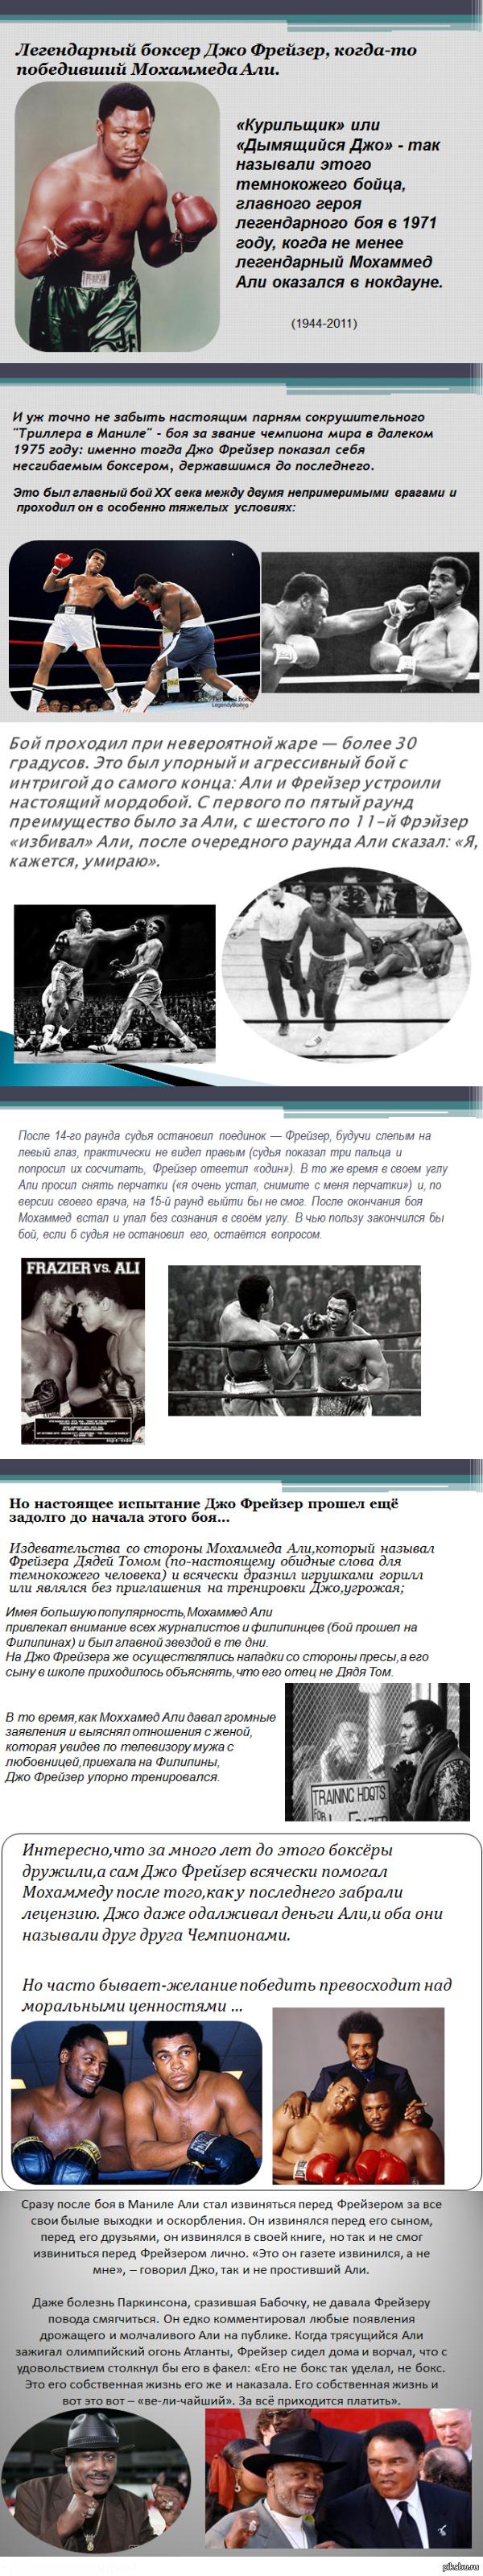 Самое жесткое соперничество в истории бокса